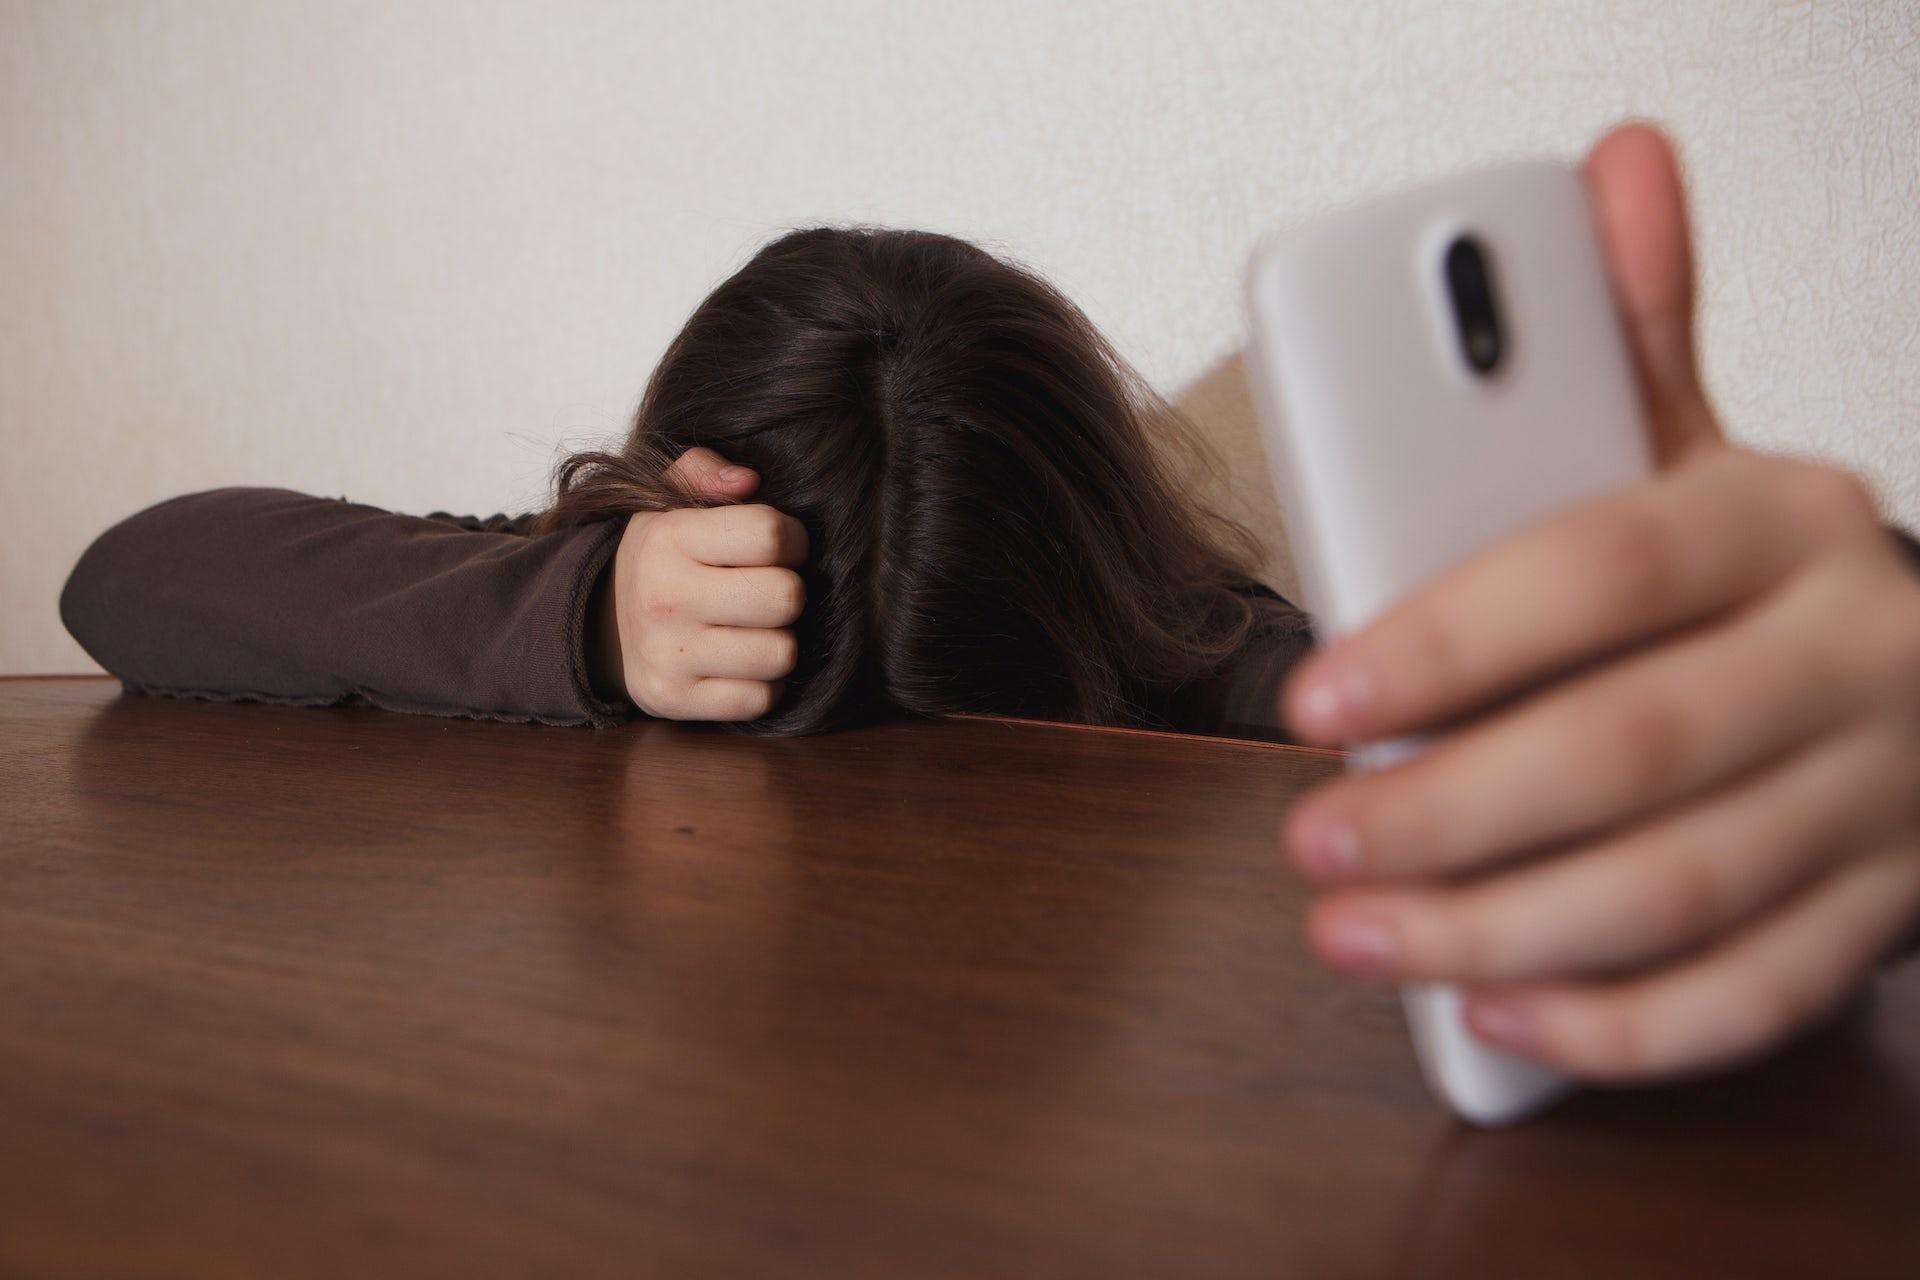 Las redes sociales y el WhatsApp, principales formas de abuso entre parejas adolescentes